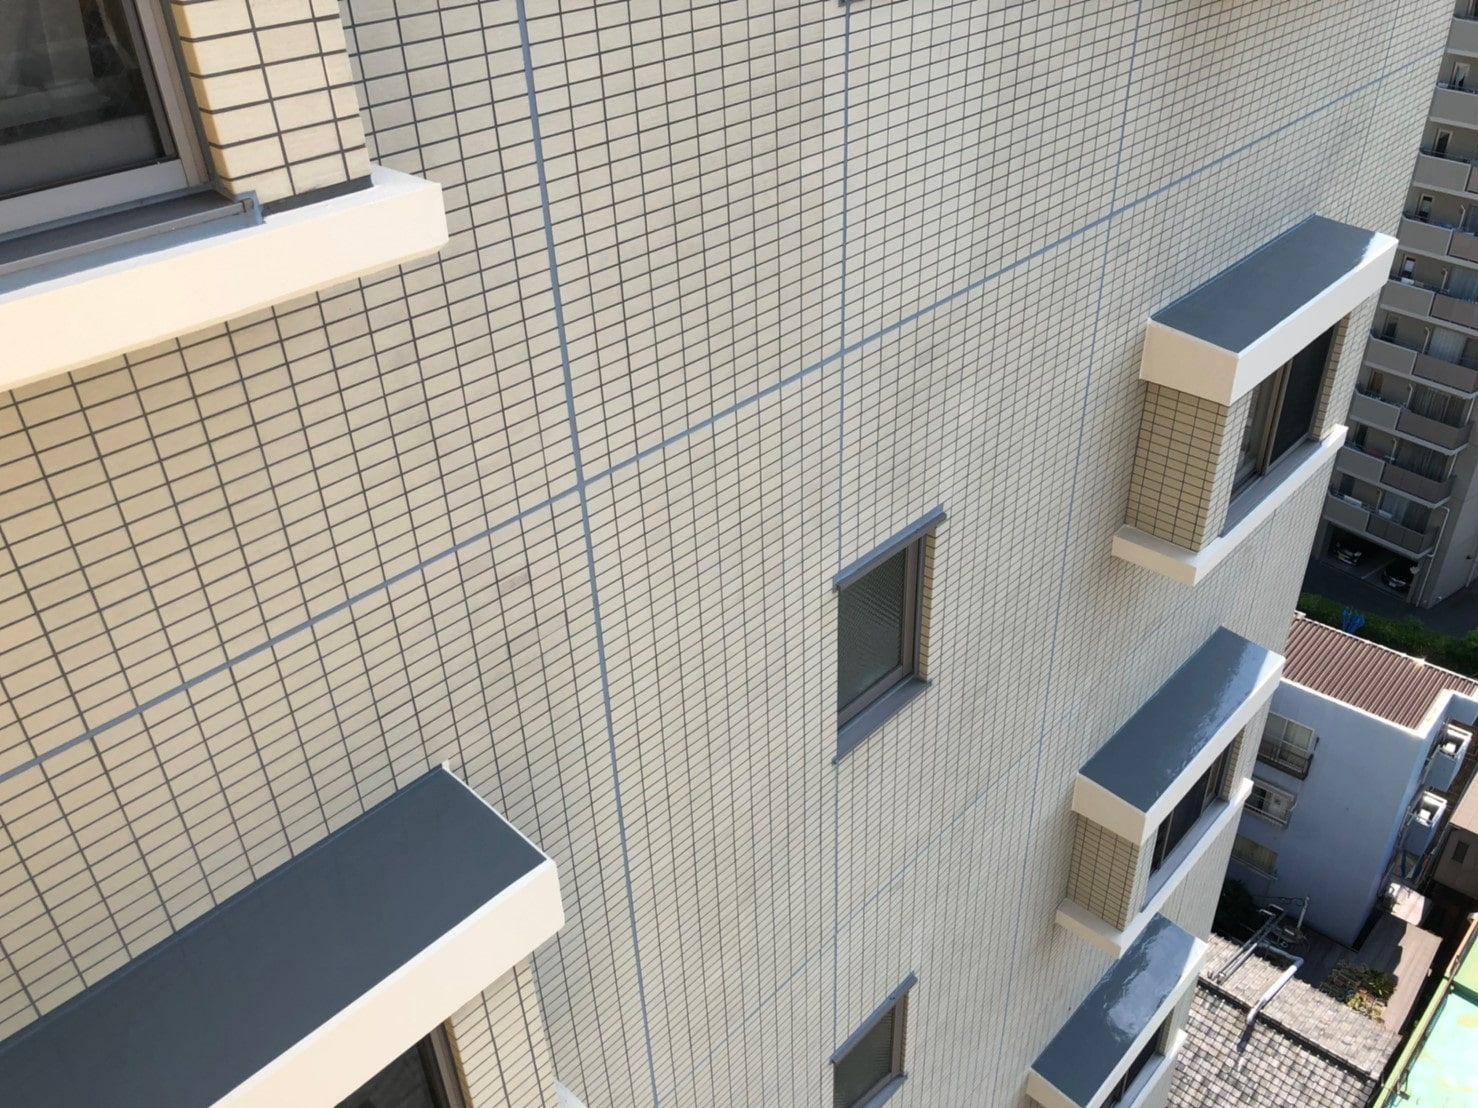 マンションでいま続発する外壁タイルの不具合は、想像を越える大問題